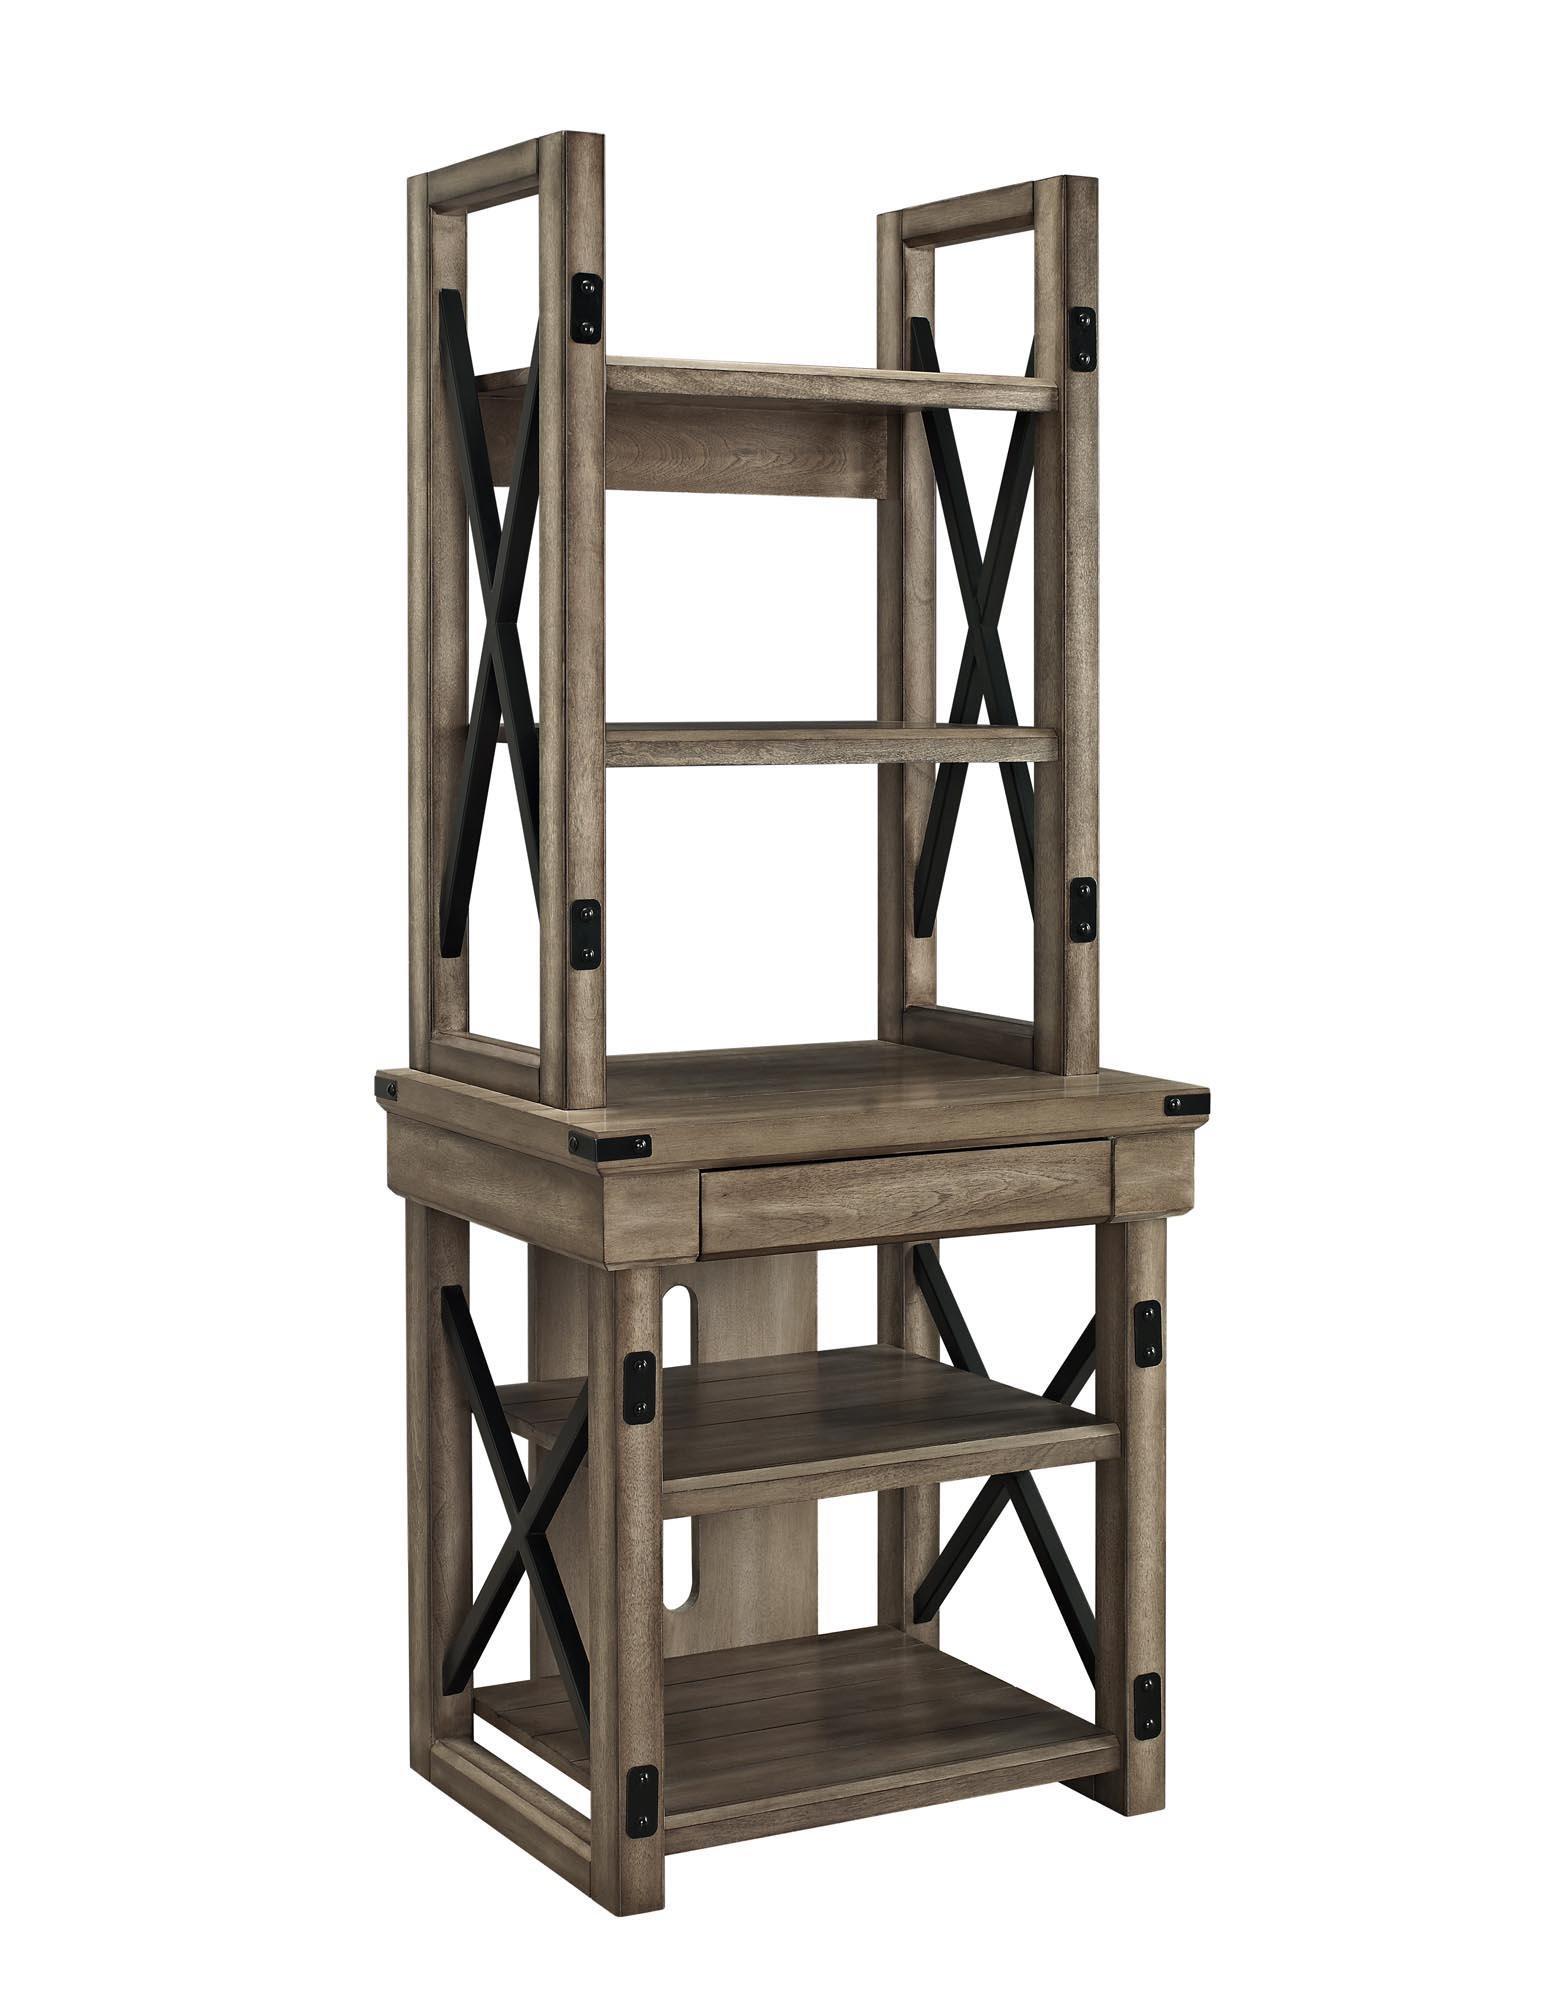 Ameriwood Home Wildwood Wood Veneer Audio Stand/Bookshelf, Rustic Gray